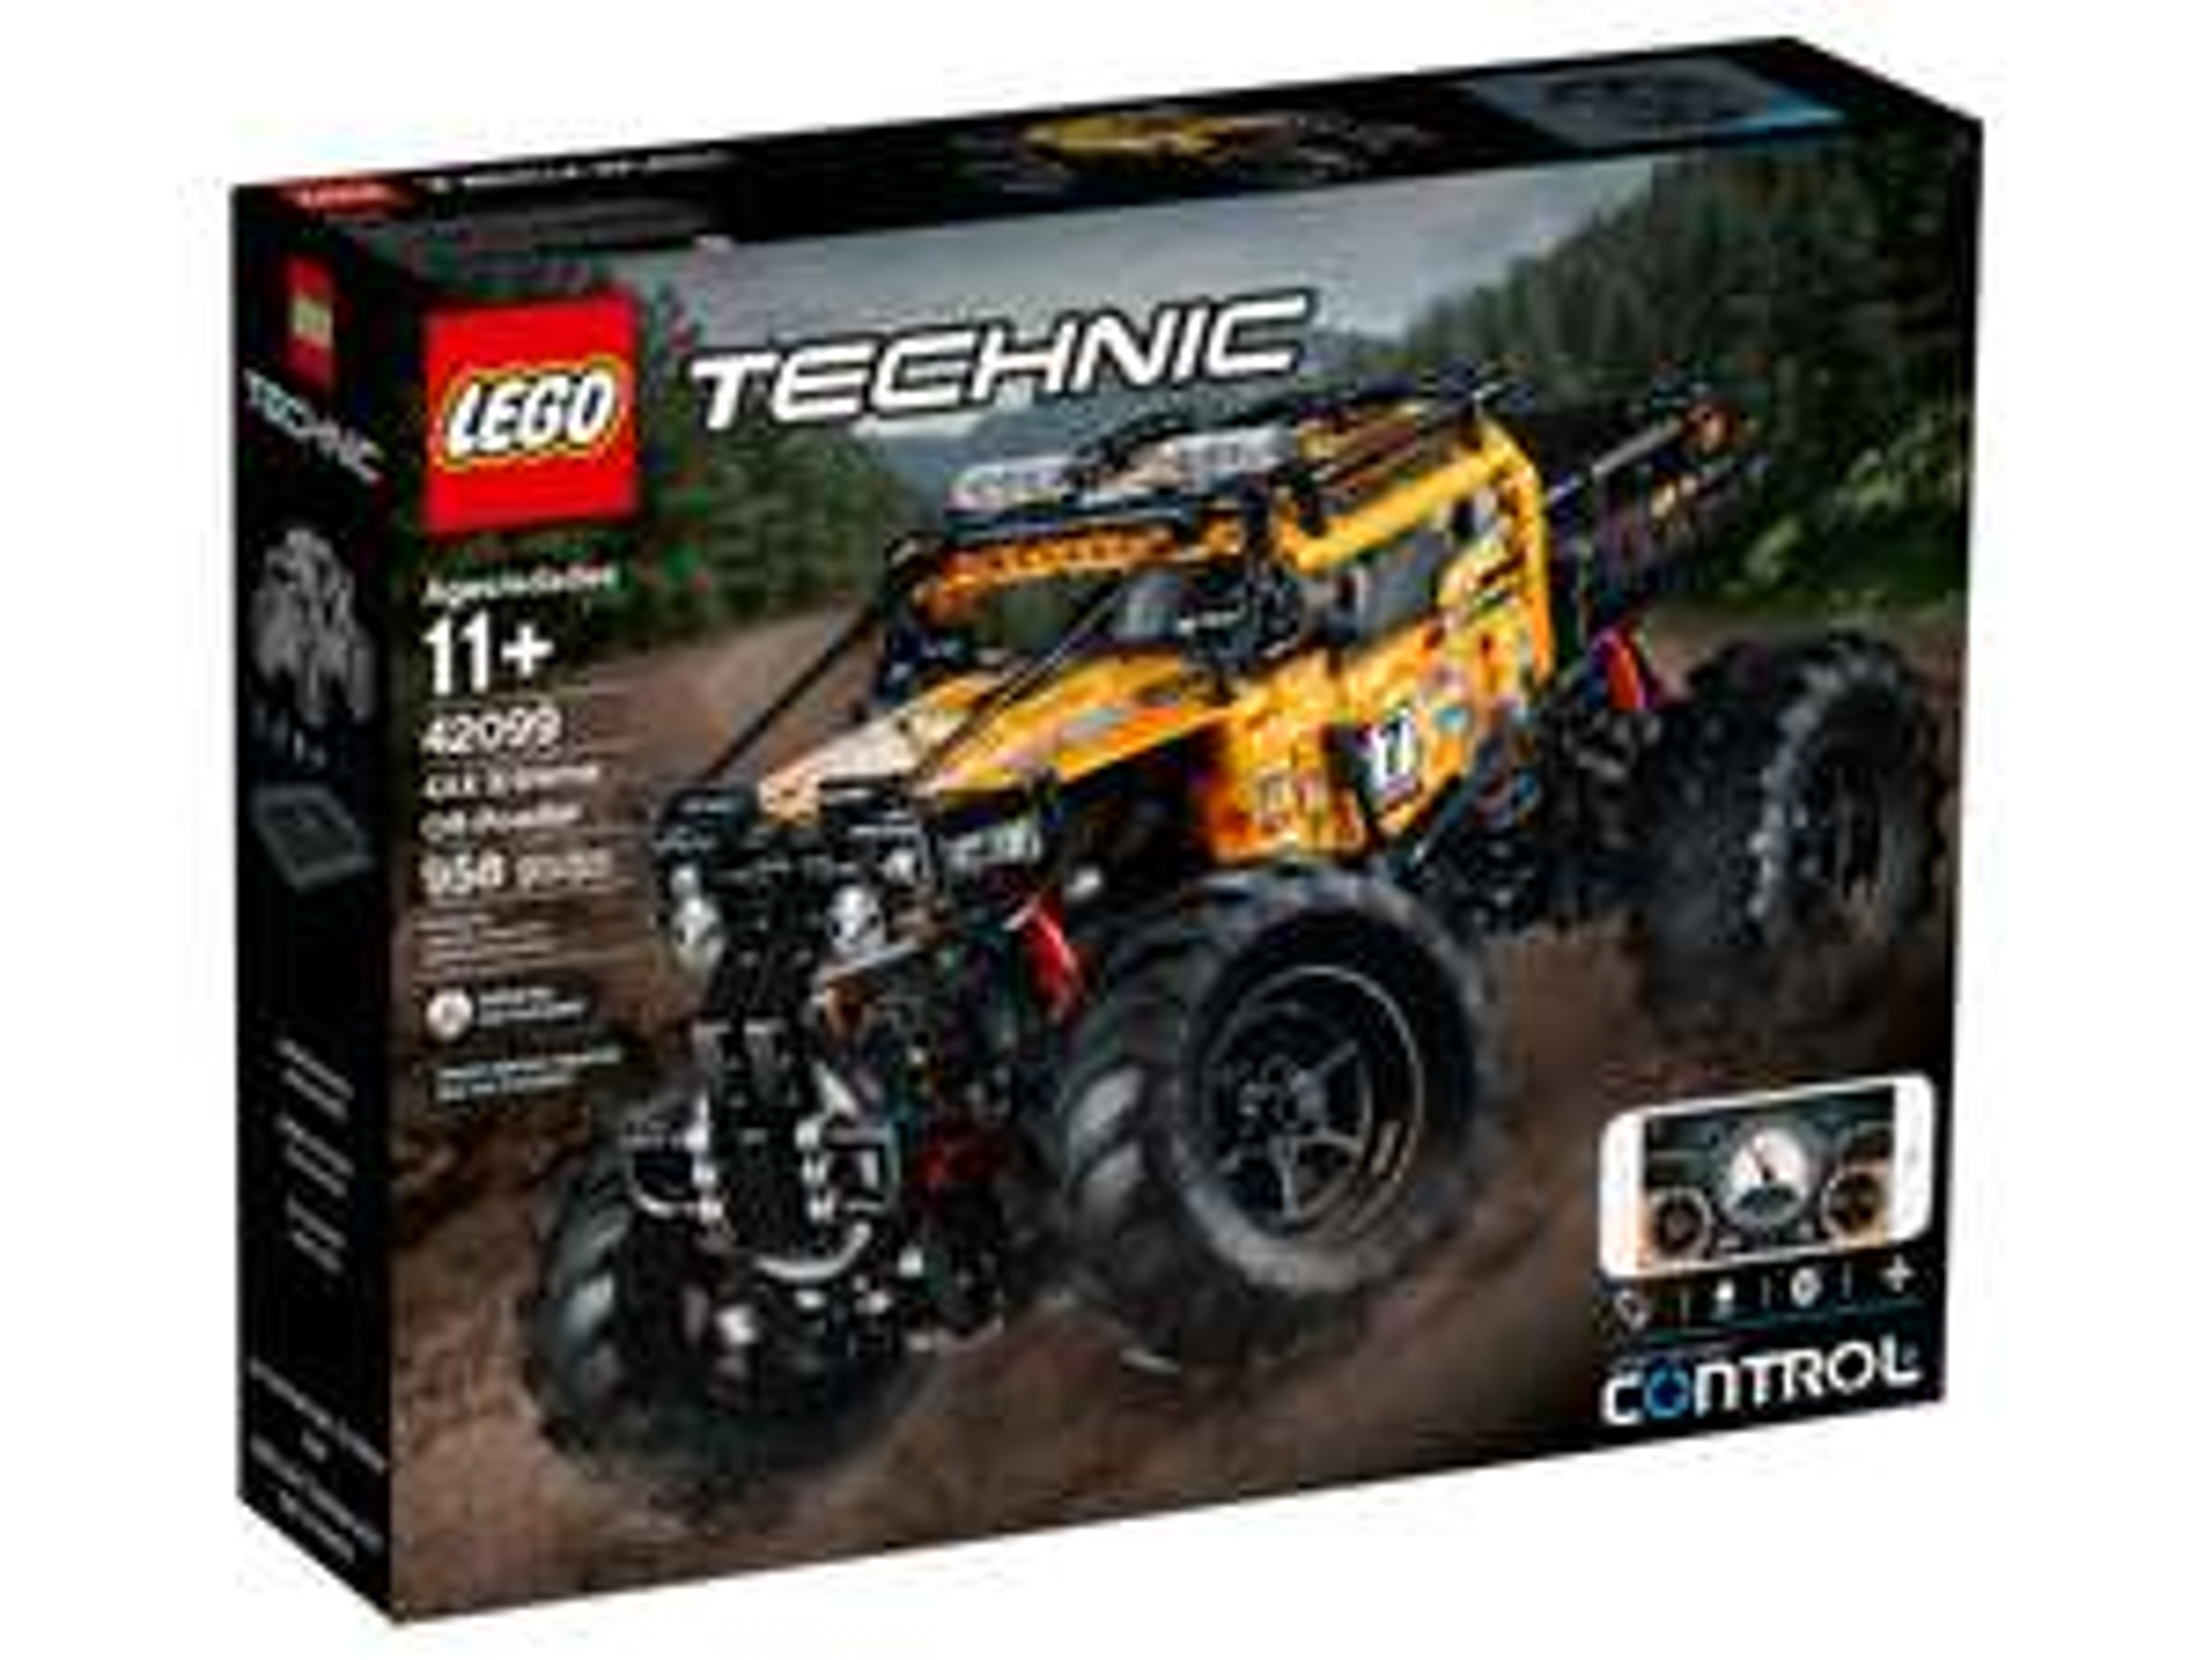 Interspar Angebot Neuer LEGO Technic Allrad Xtreme-Geländewagen 42099 für 179€